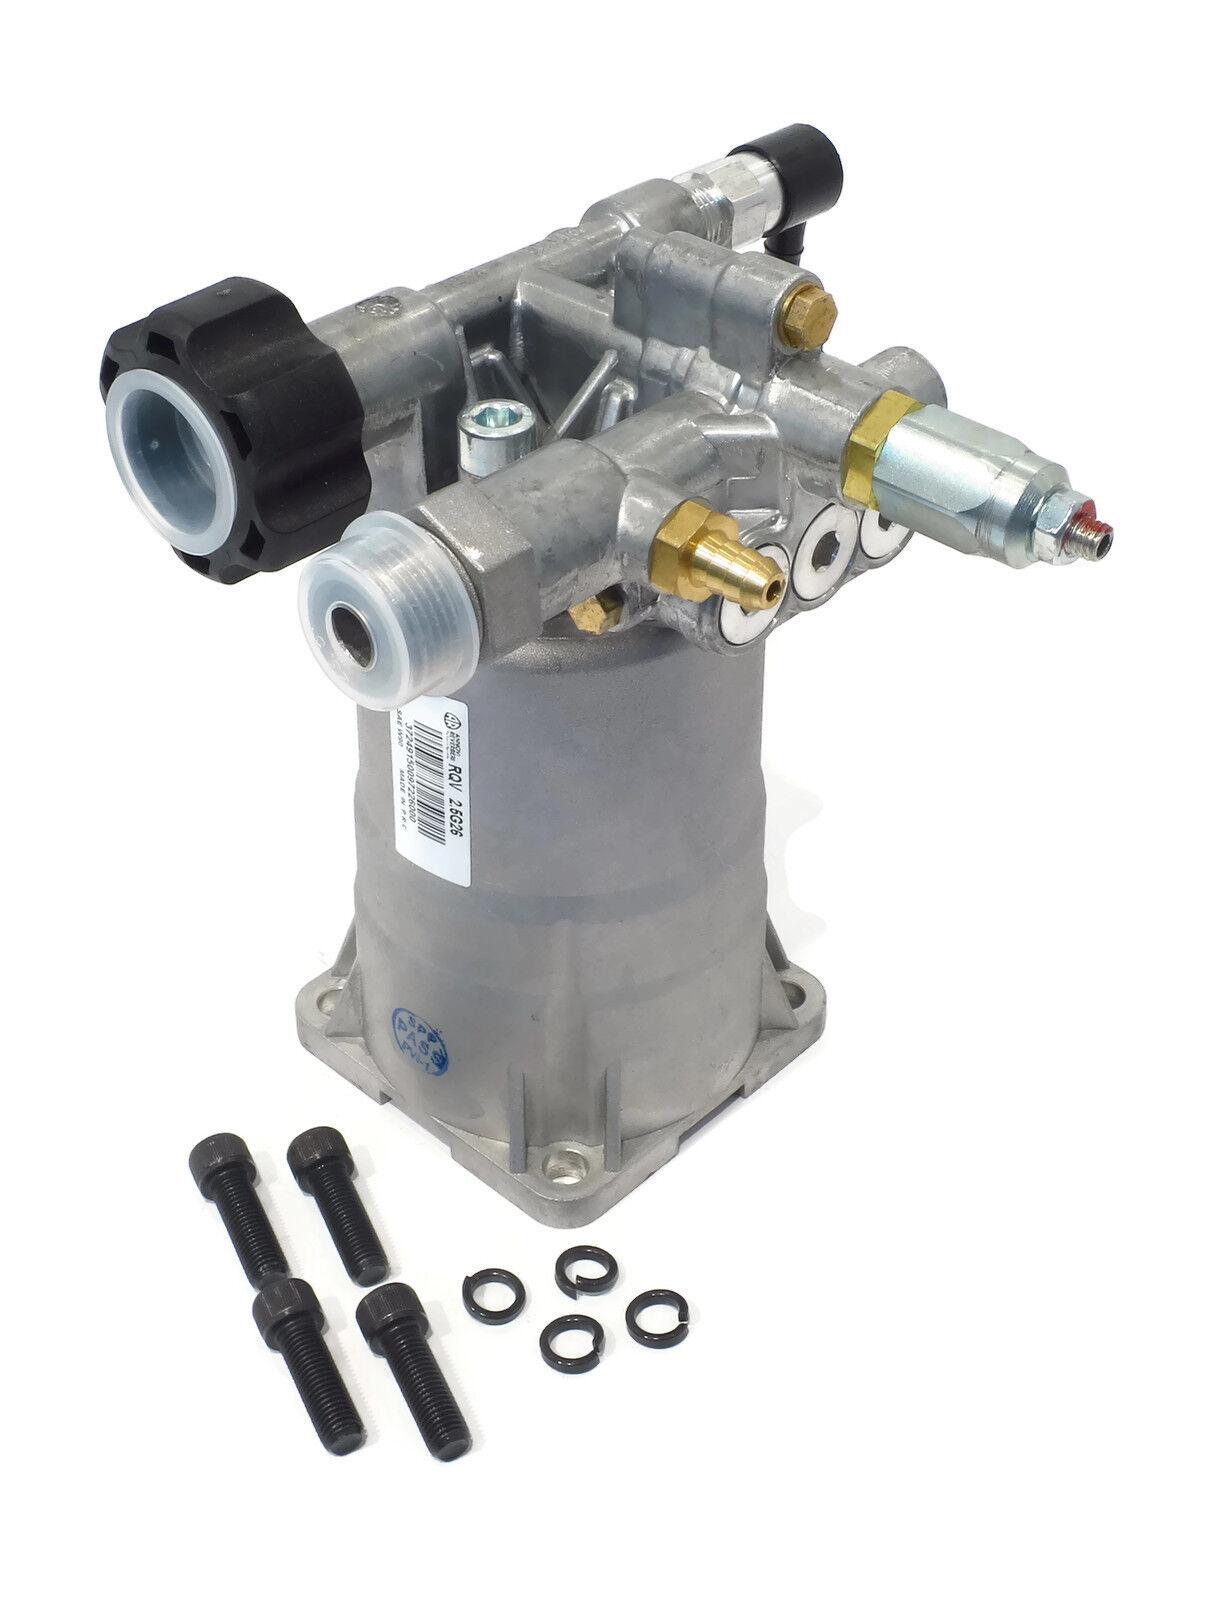 2600 PSI de presión de alimentación bomba de agua Lavado Bomba Porter Cable 2225CWH 2225CWH-1 2225CWH-2